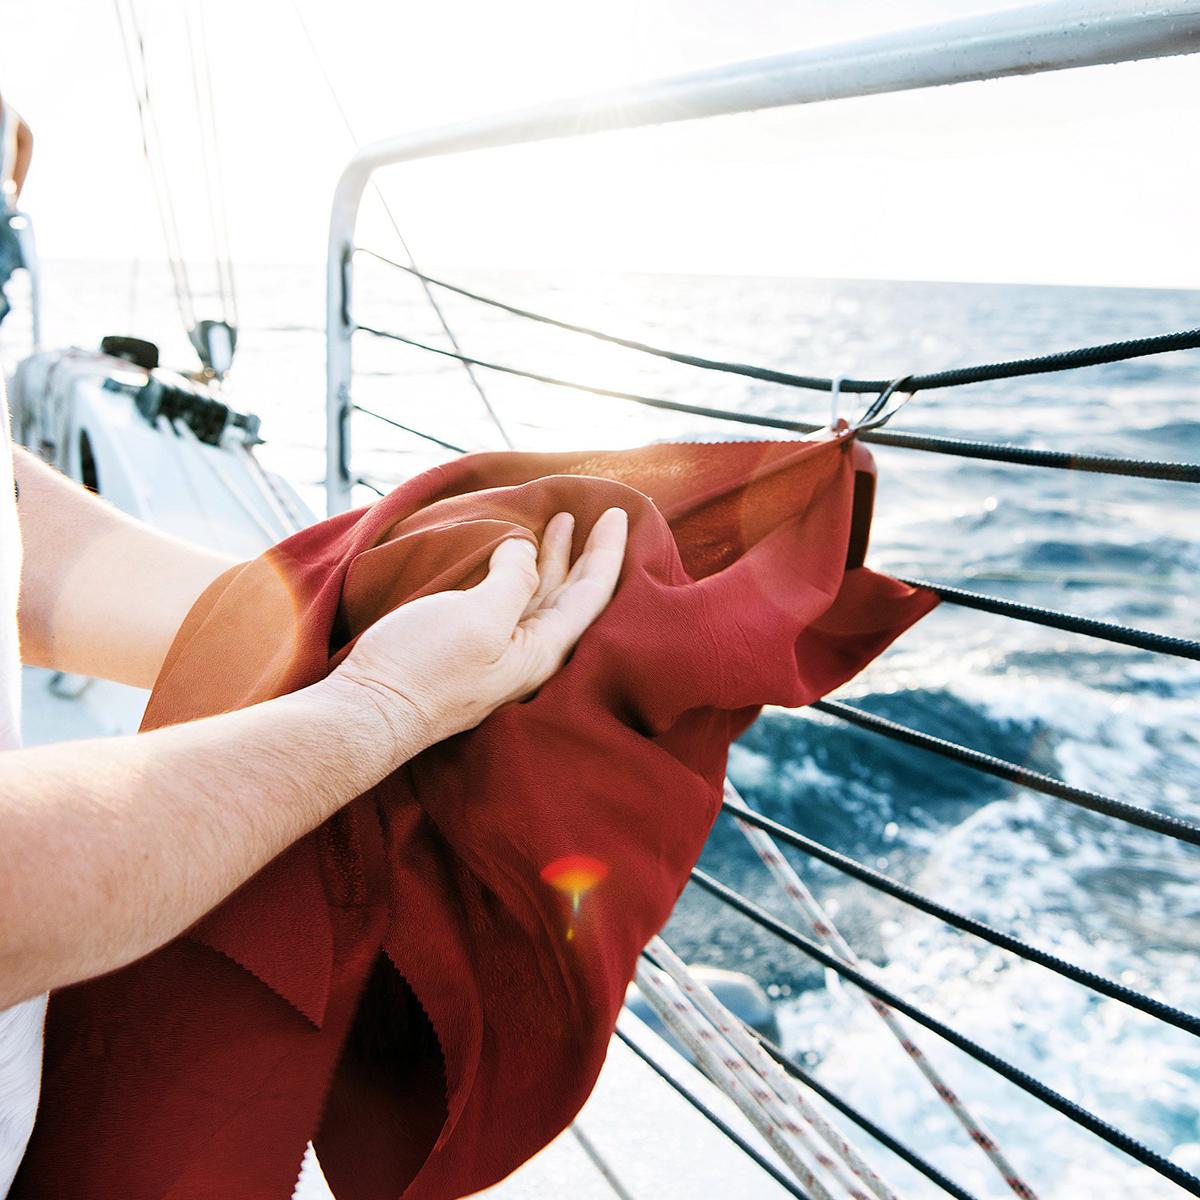 風に舞うほど薄くて軽く、驚きの吸水速乾性のナノファイバー素材。小さくたためて、ビーチやジムでもっと身軽になれる「ナノドライタオル」 | Matador NanoDry Shower Towel